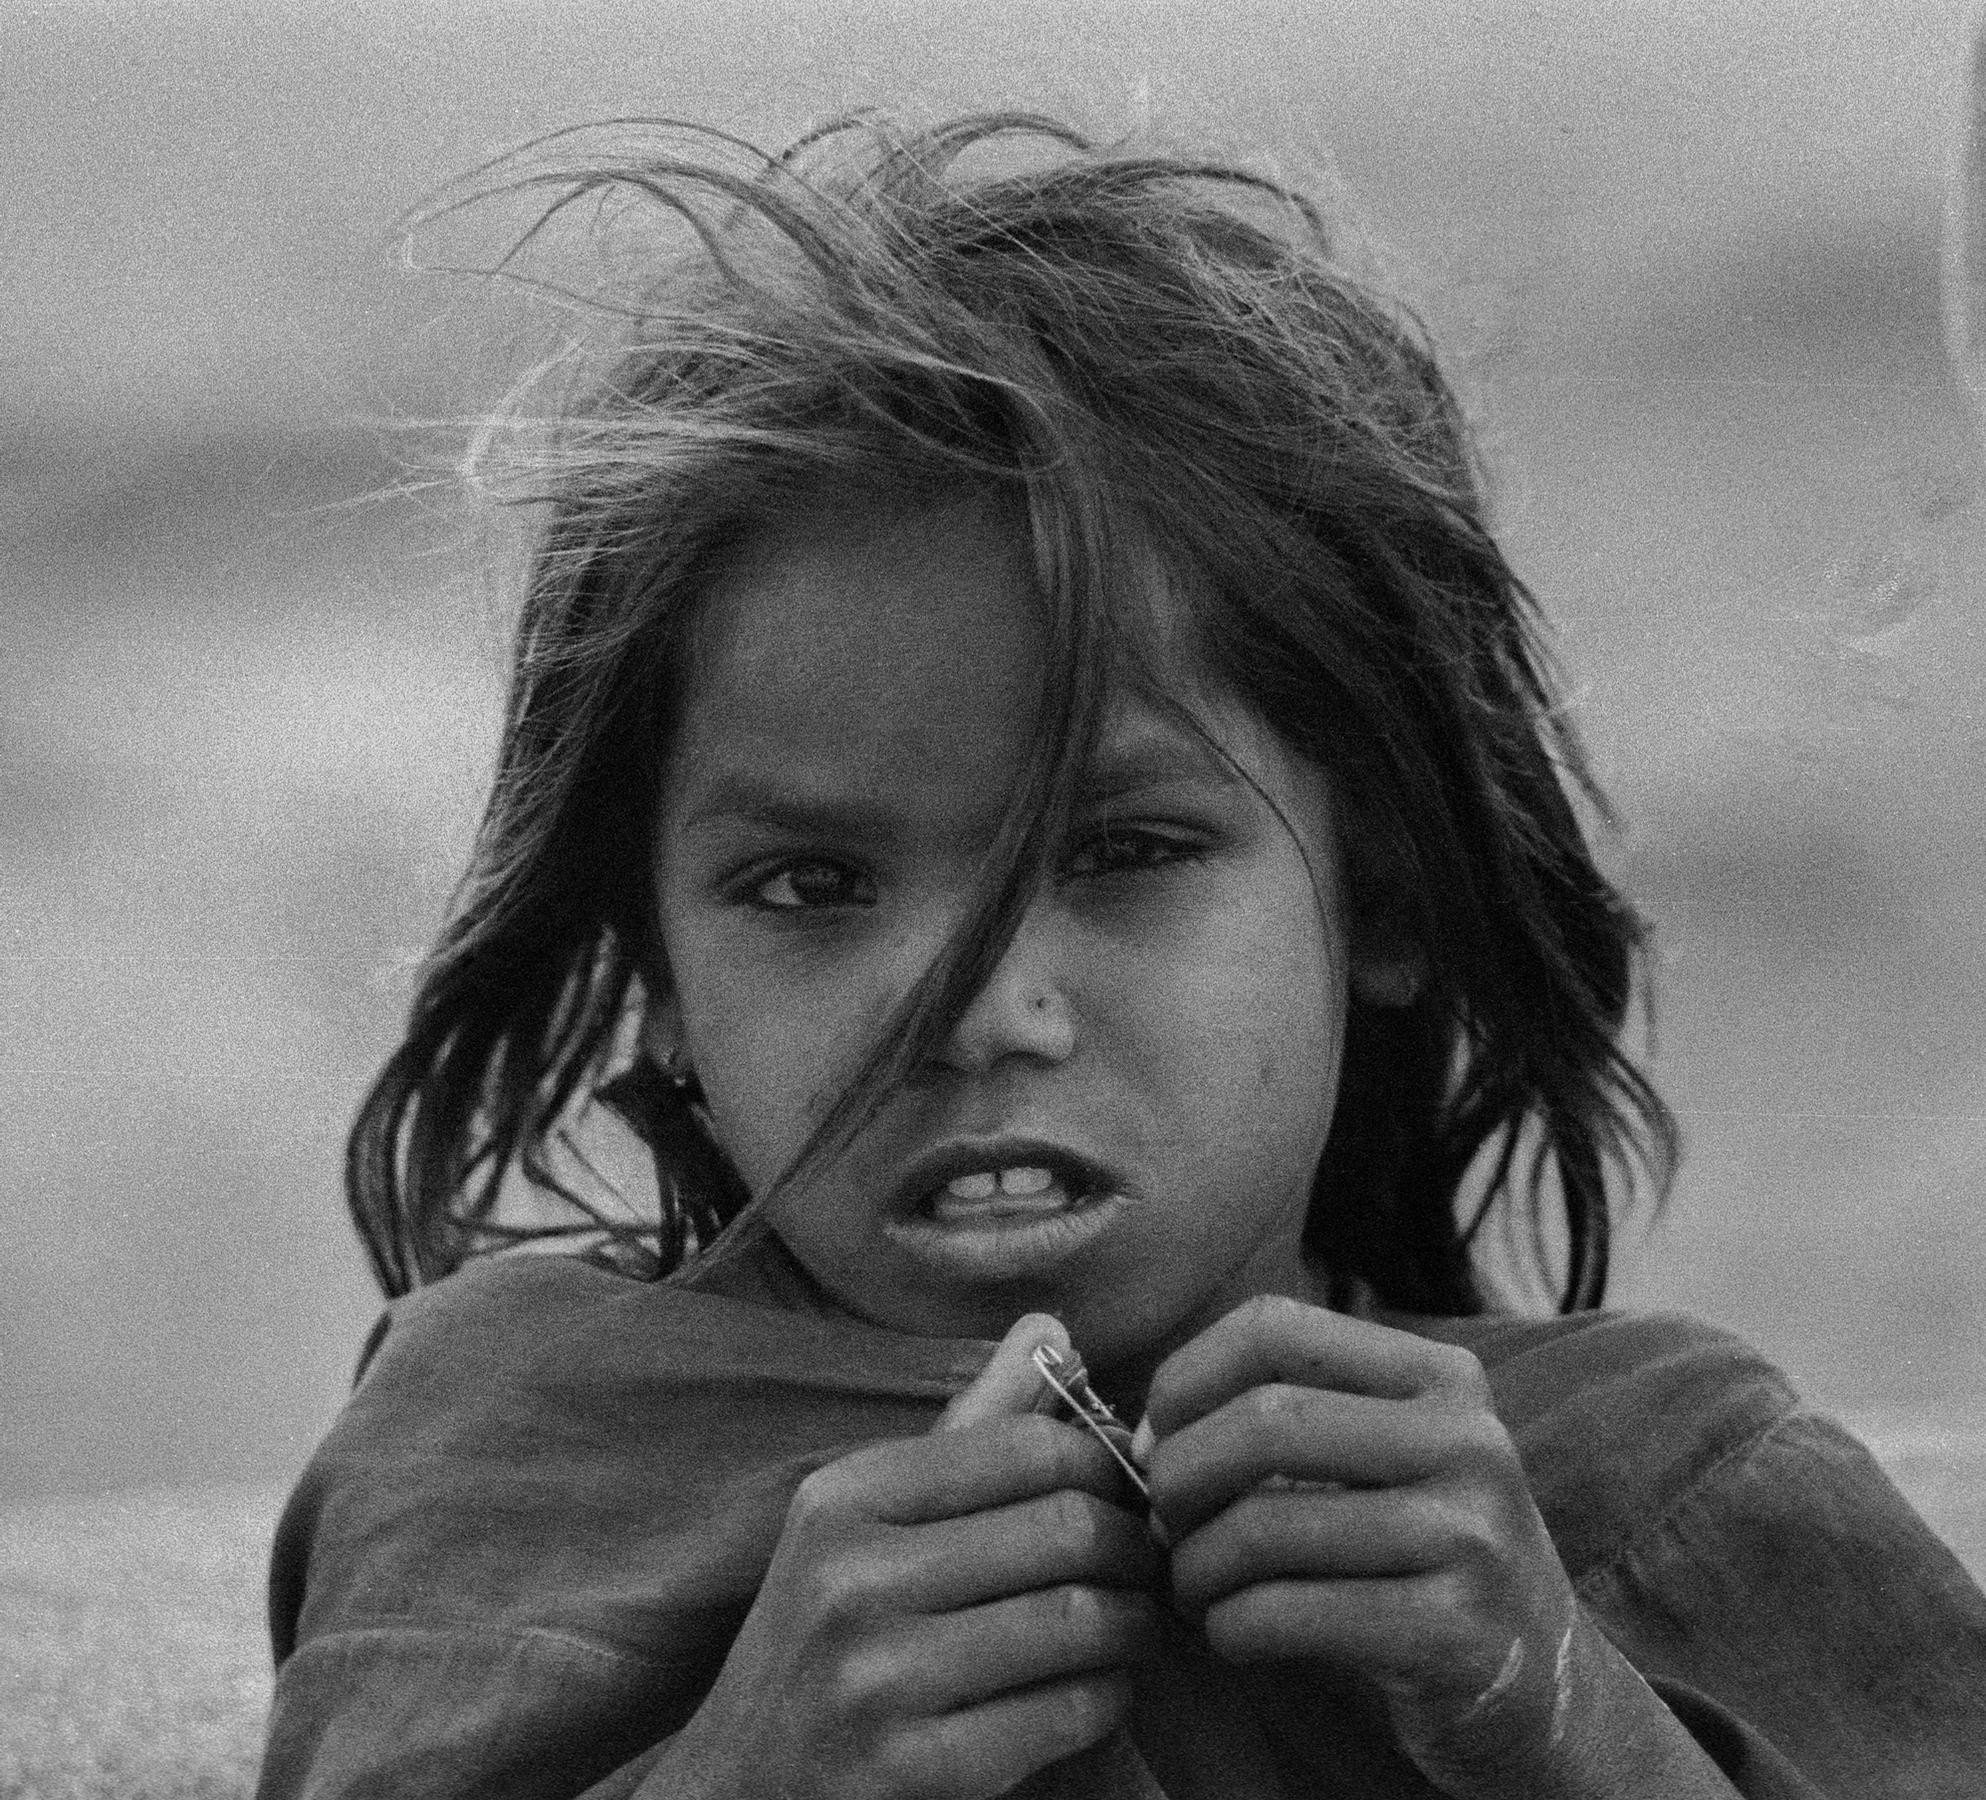 KID INDIA